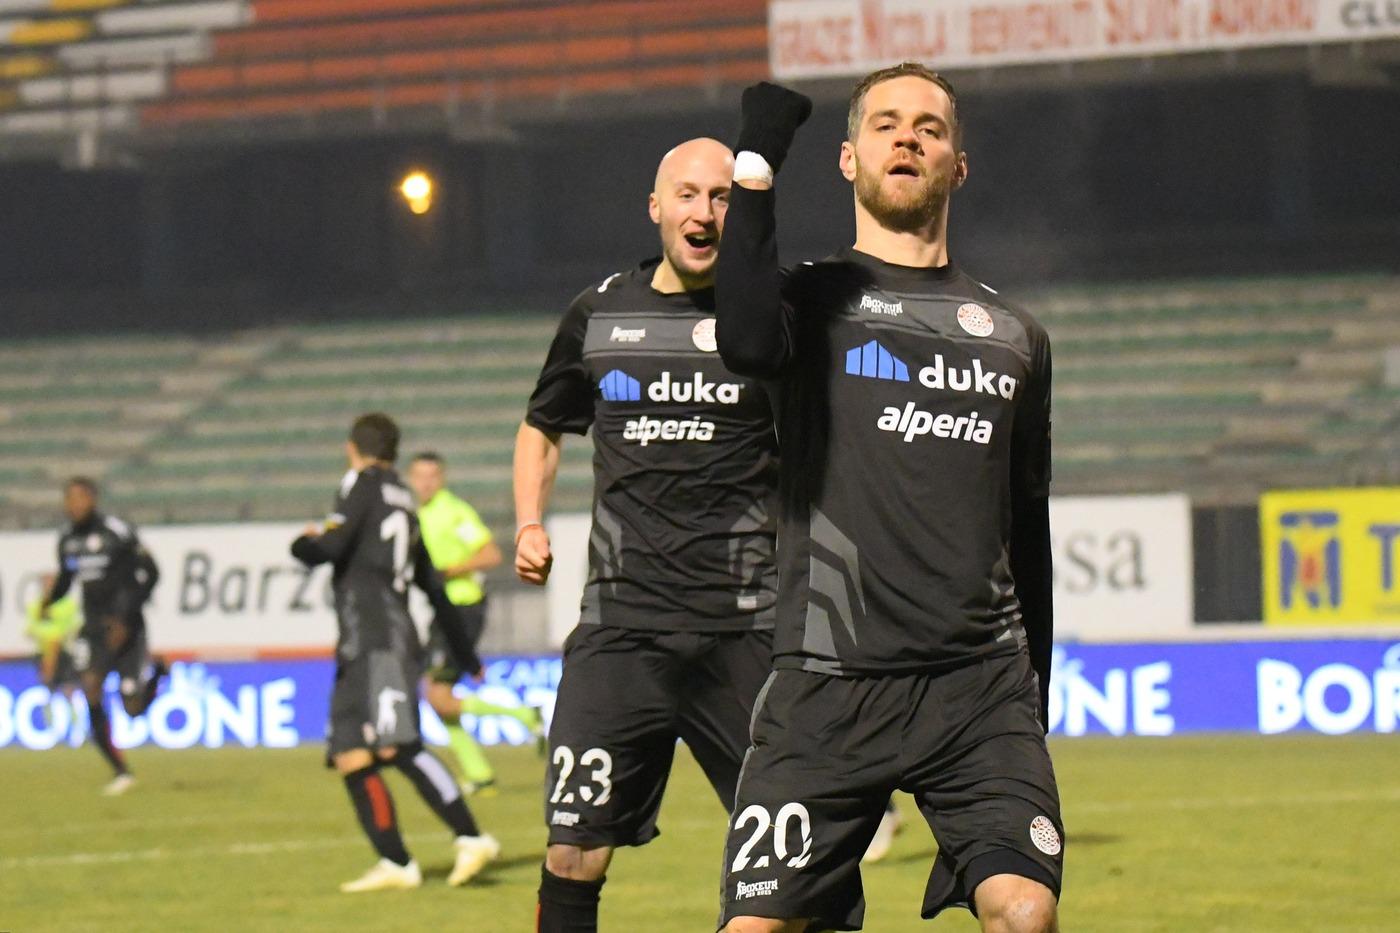 Sudtirol-Gubbio 19 ottobre: il pronostico di Serie C